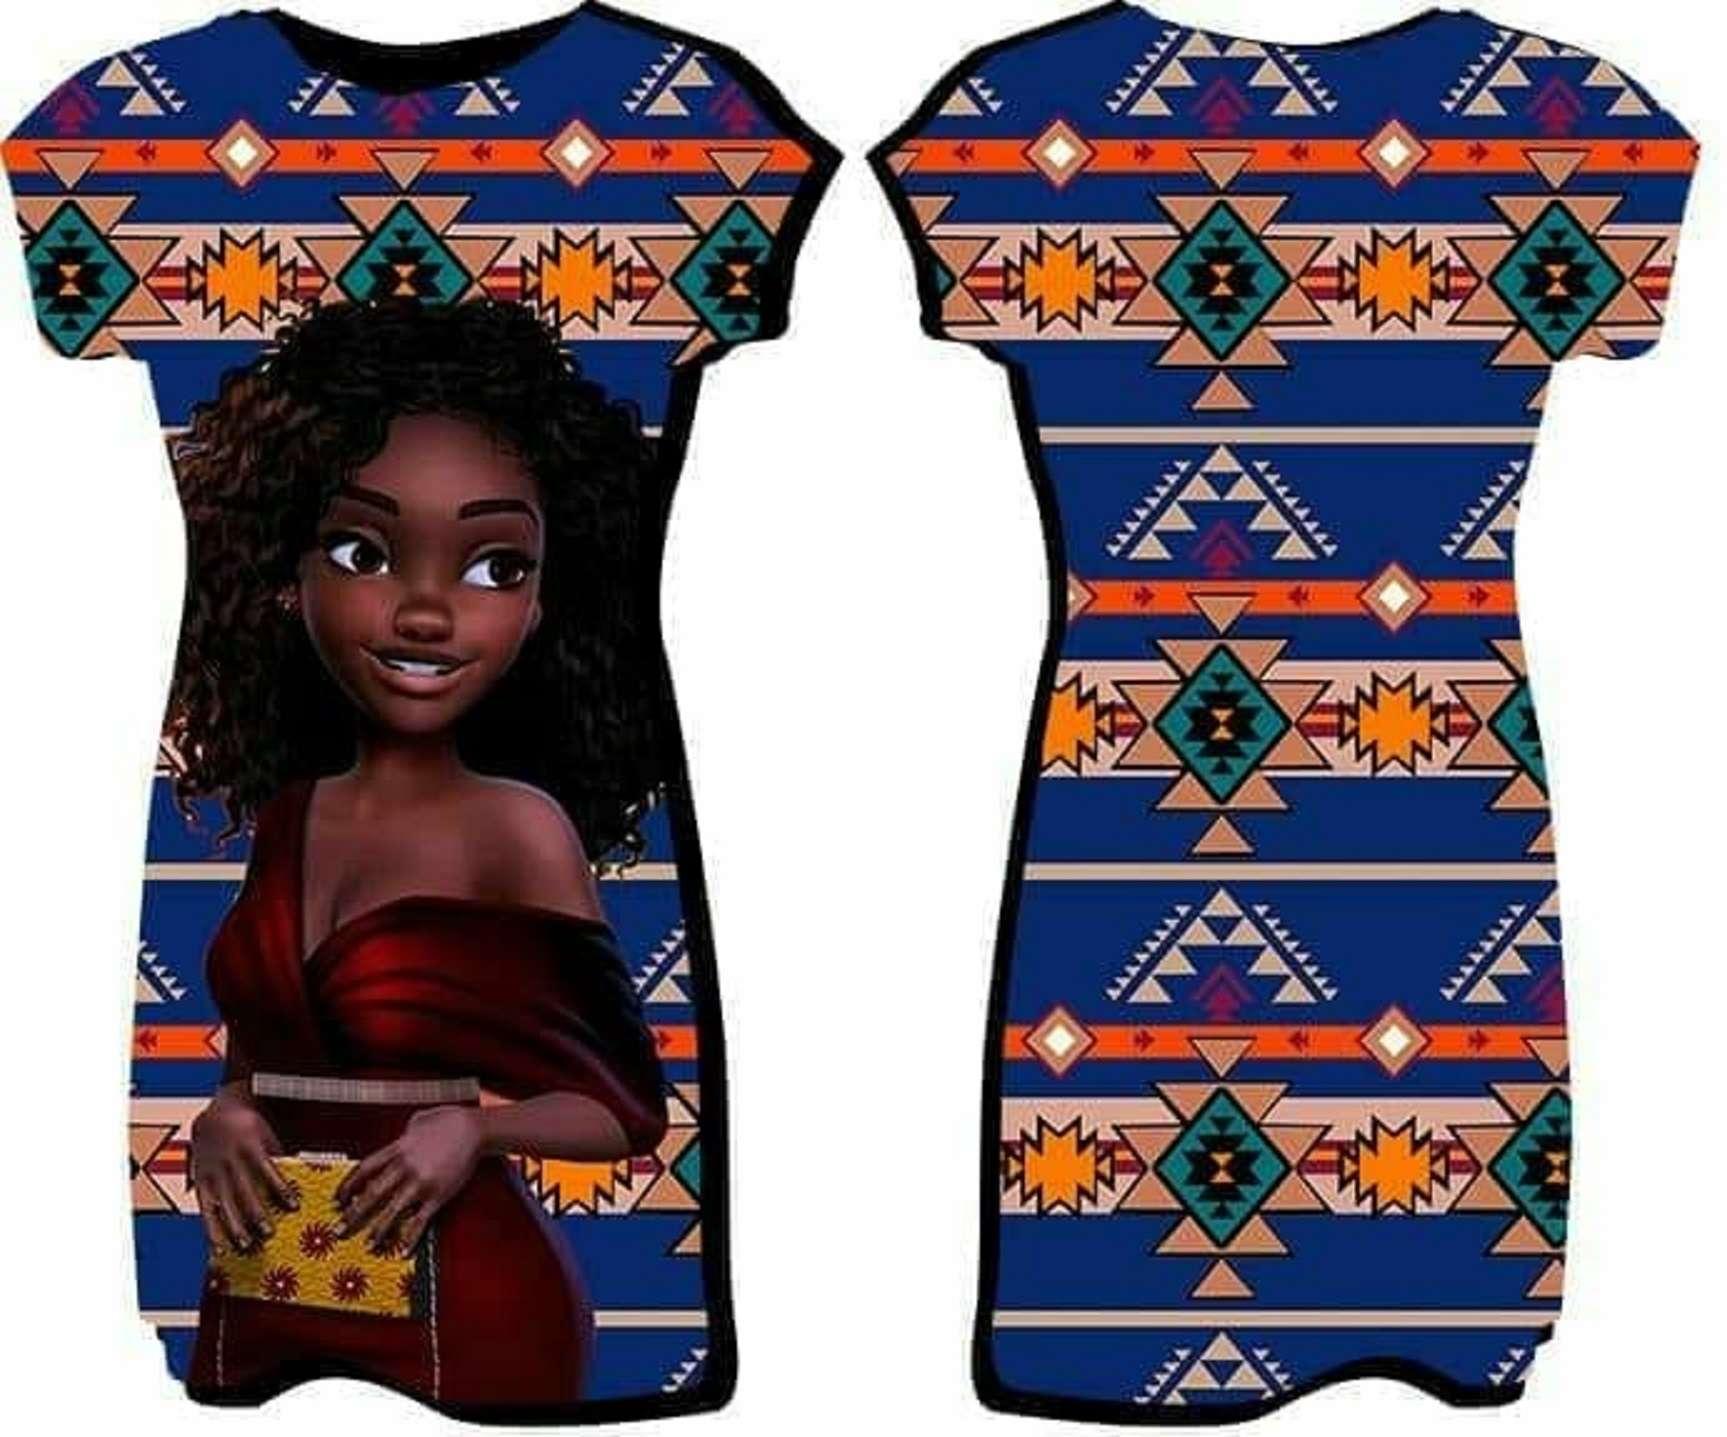 Grife Kaba Léwà, moda afro de origem Yorubá em Olaria